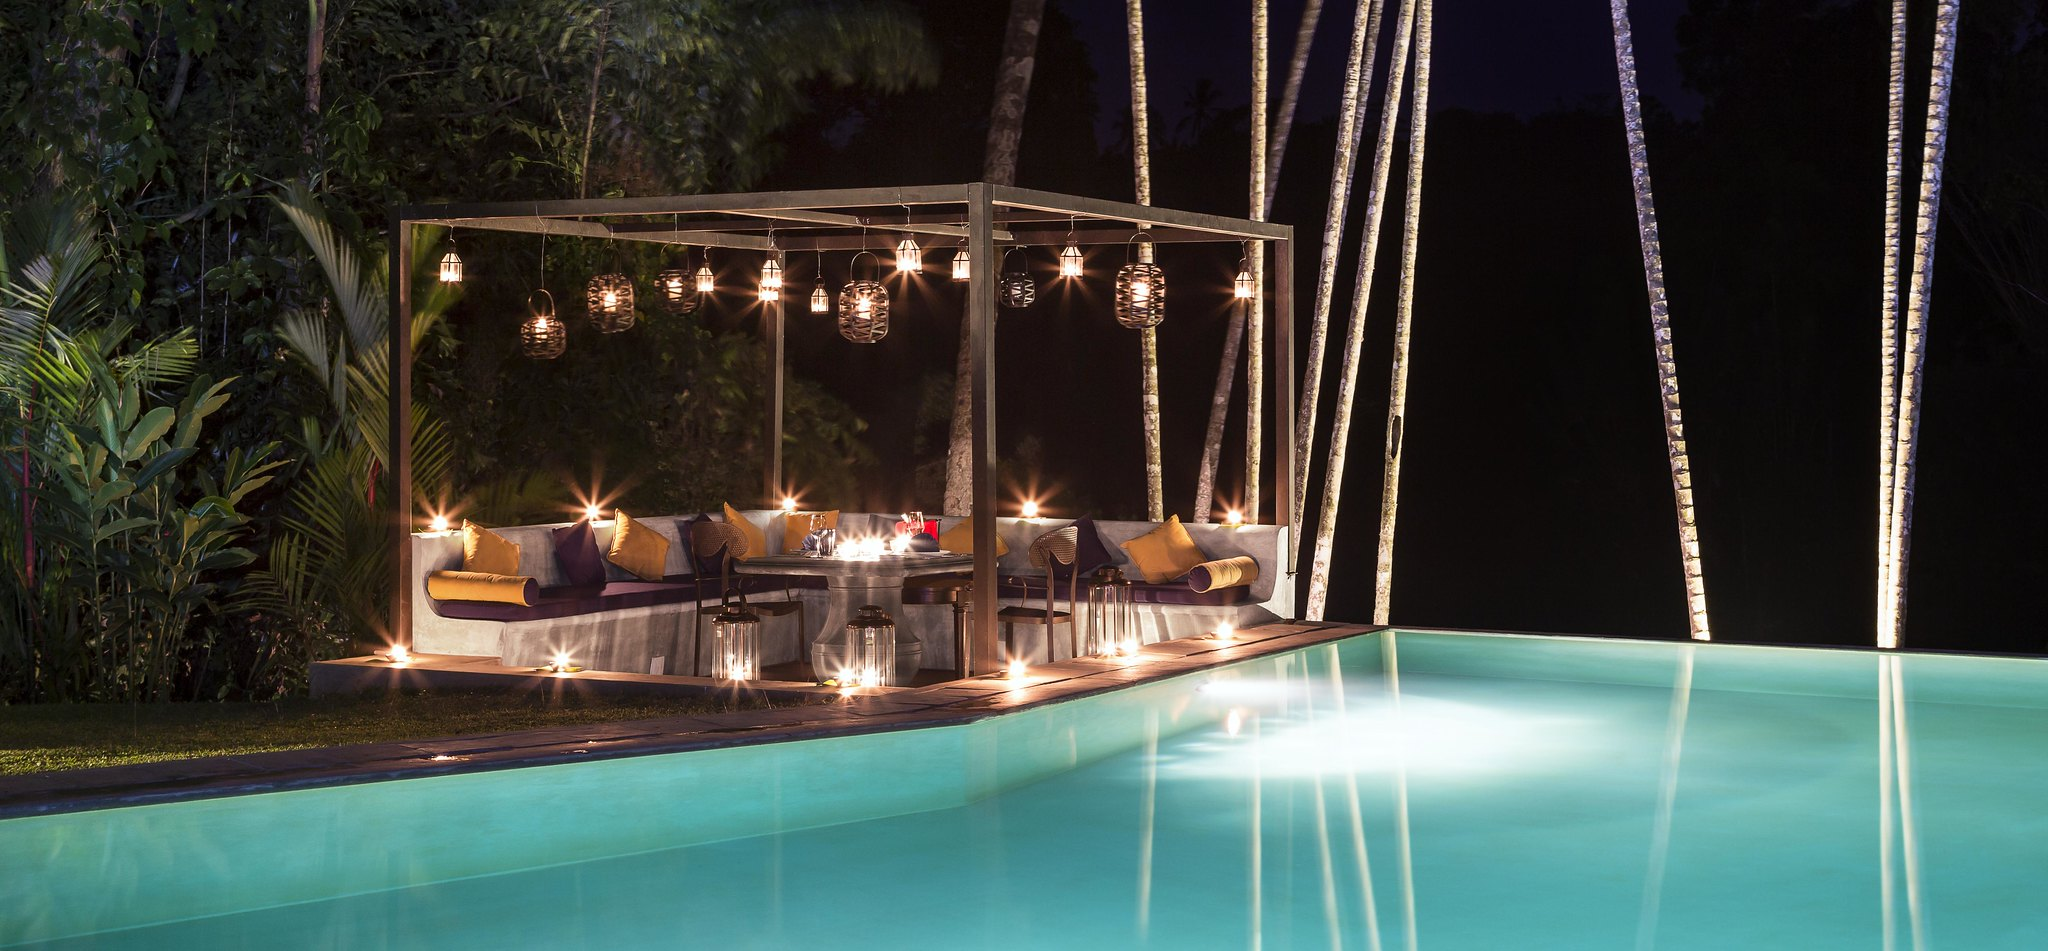 Srilankas-bedste-boutique-hoteller - 26184517143_64e8fced29_k